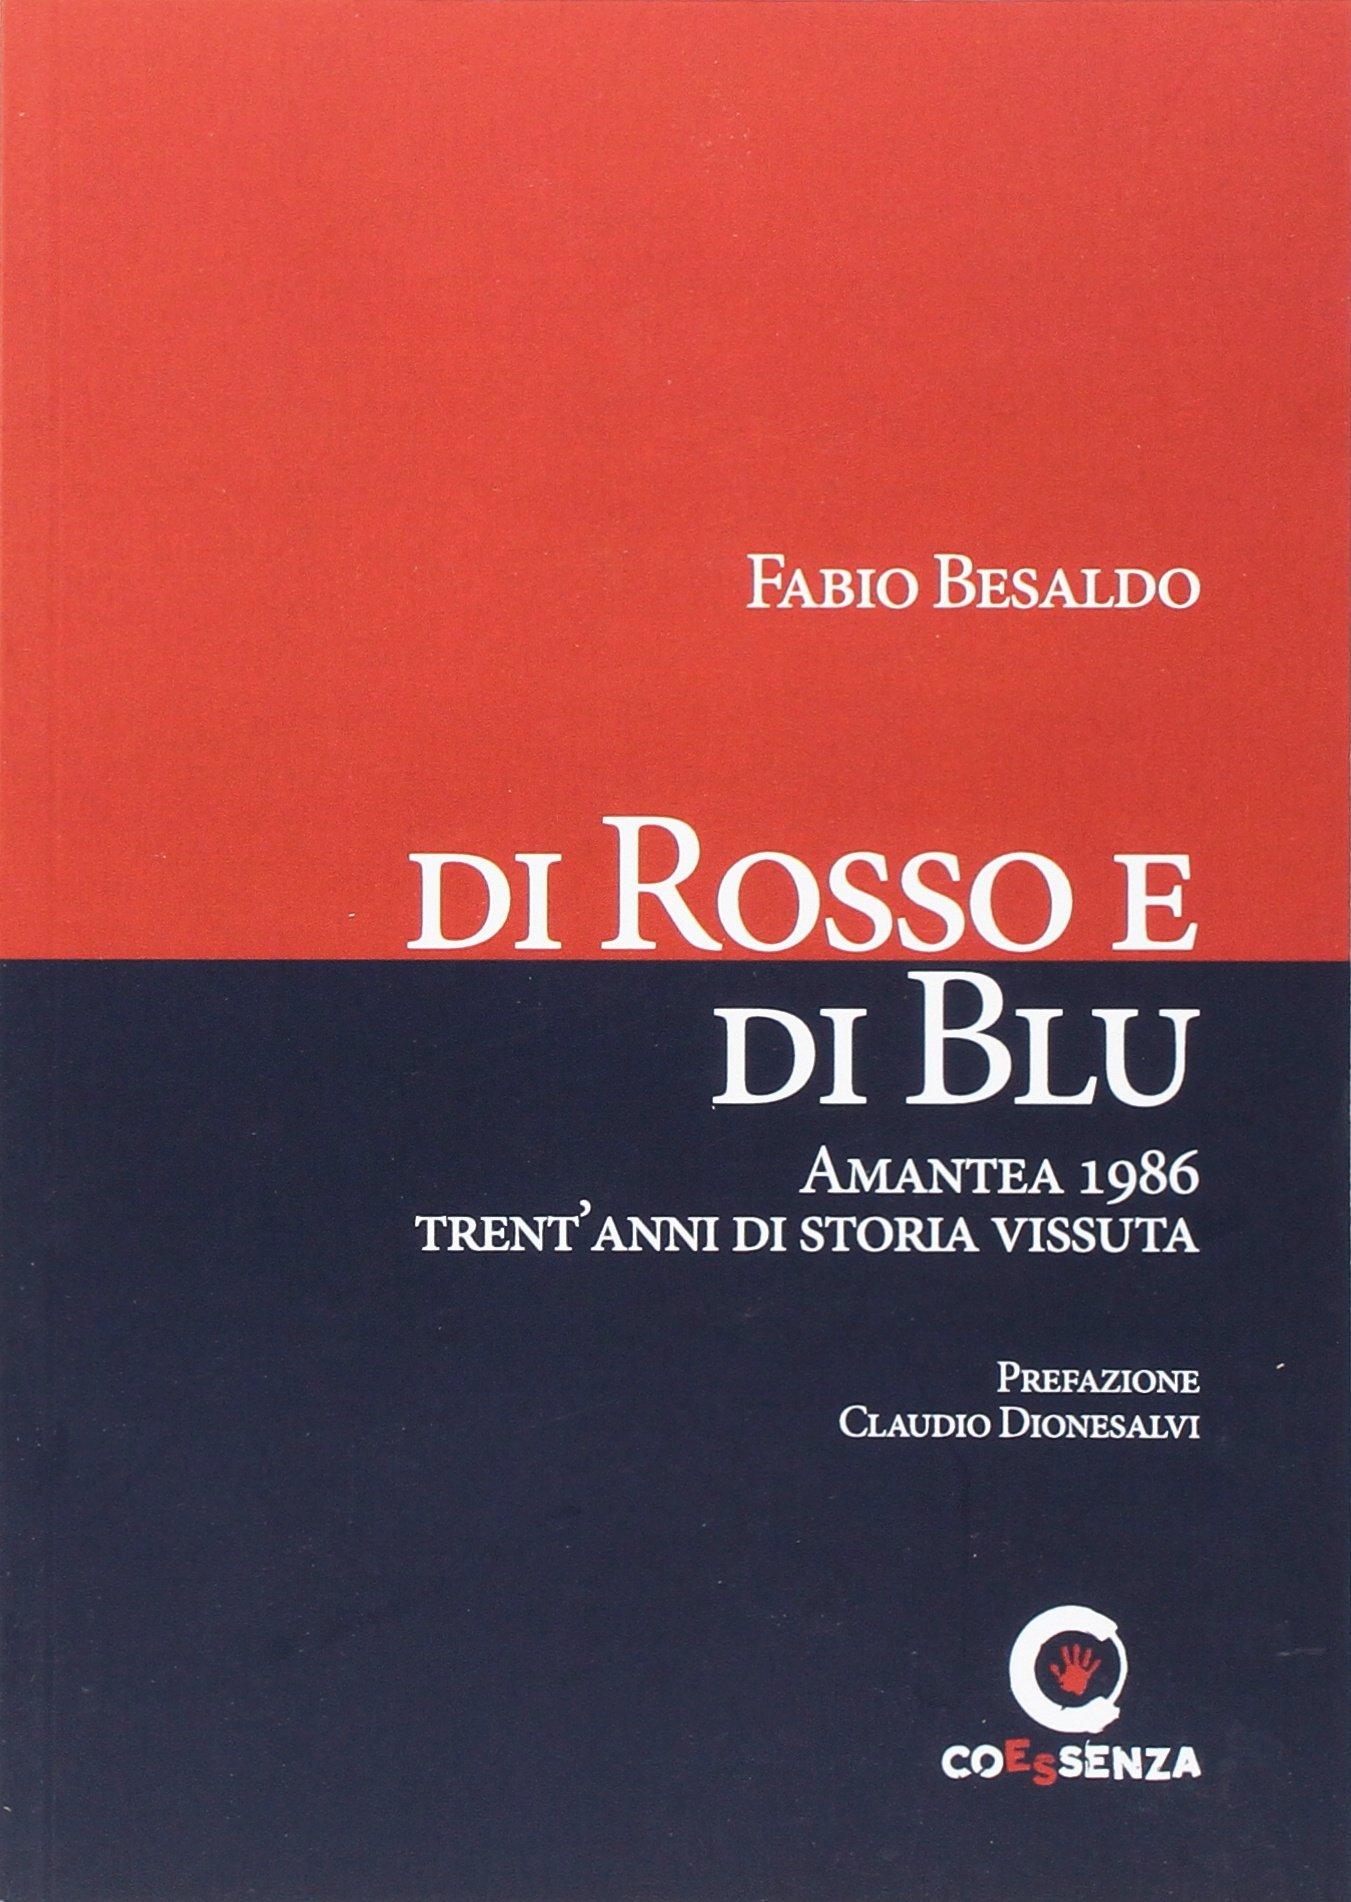 Di rosso e di blu. Amantea 1986 trent'anni di storia vissuta Copertina flessibile – 28 giu 2017 Fabio Besaldo Coessenza 8896741424 Cosenza